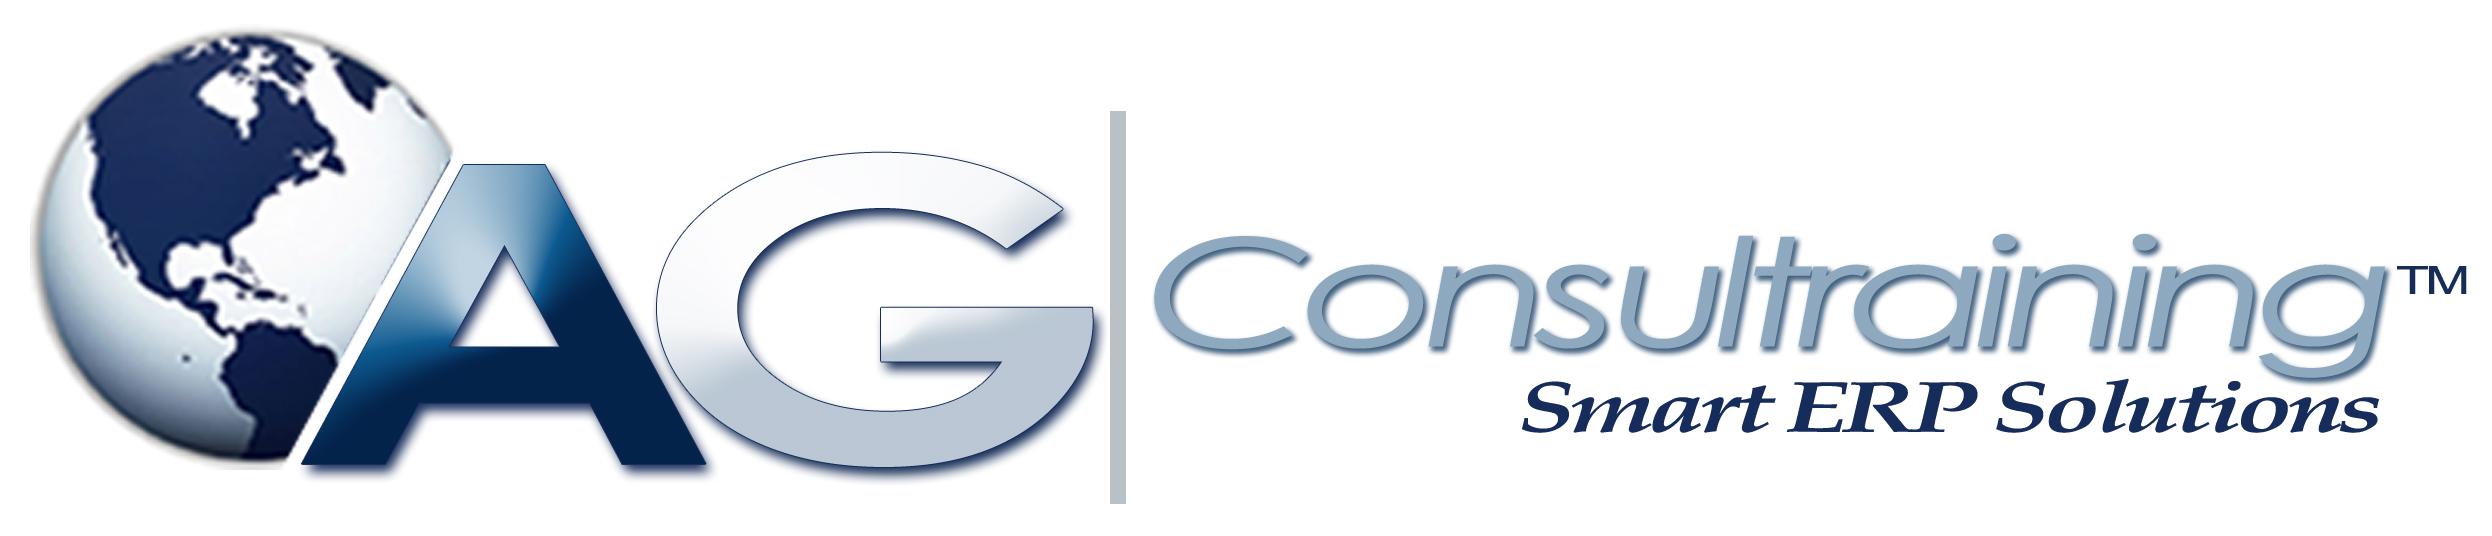 AG Consultraining Pvt. Ltd.